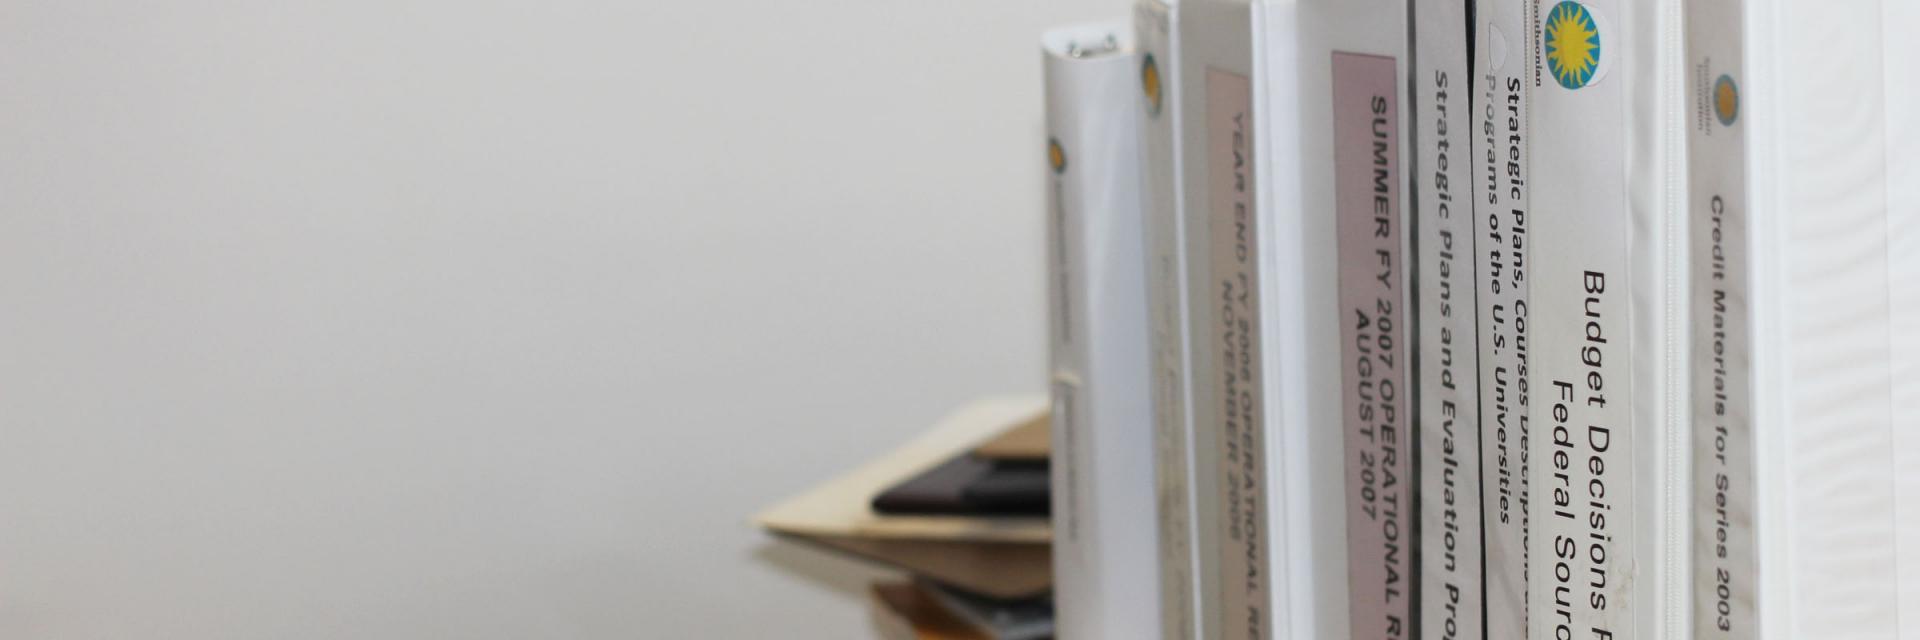 A shelf full of SOAR reports.